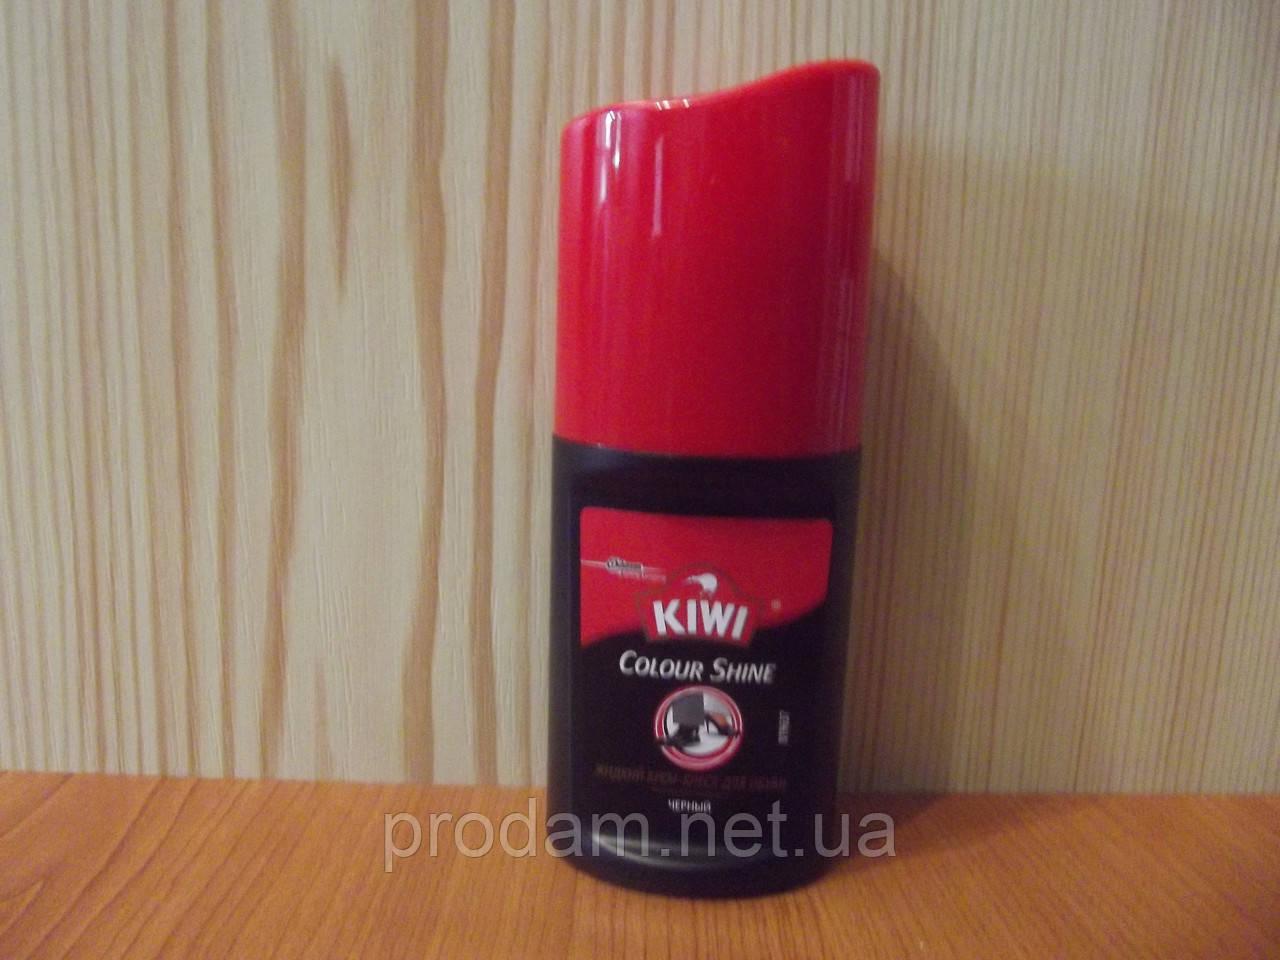 Kiwi жидкий крем Shine